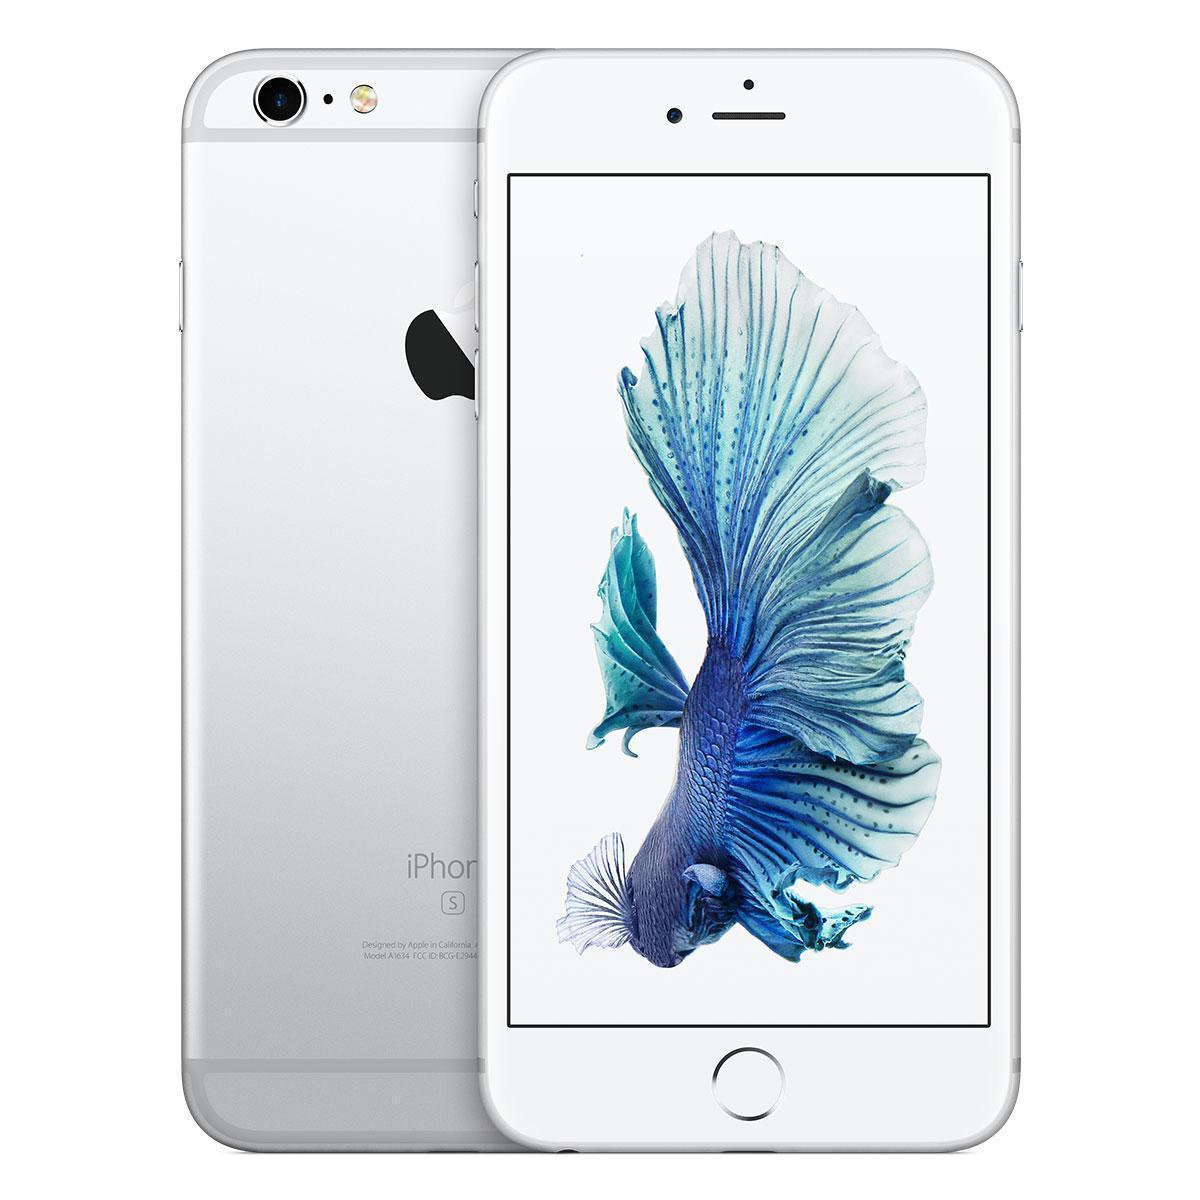 iPhone 6S Plus 16 Go - Argent - Débloqué